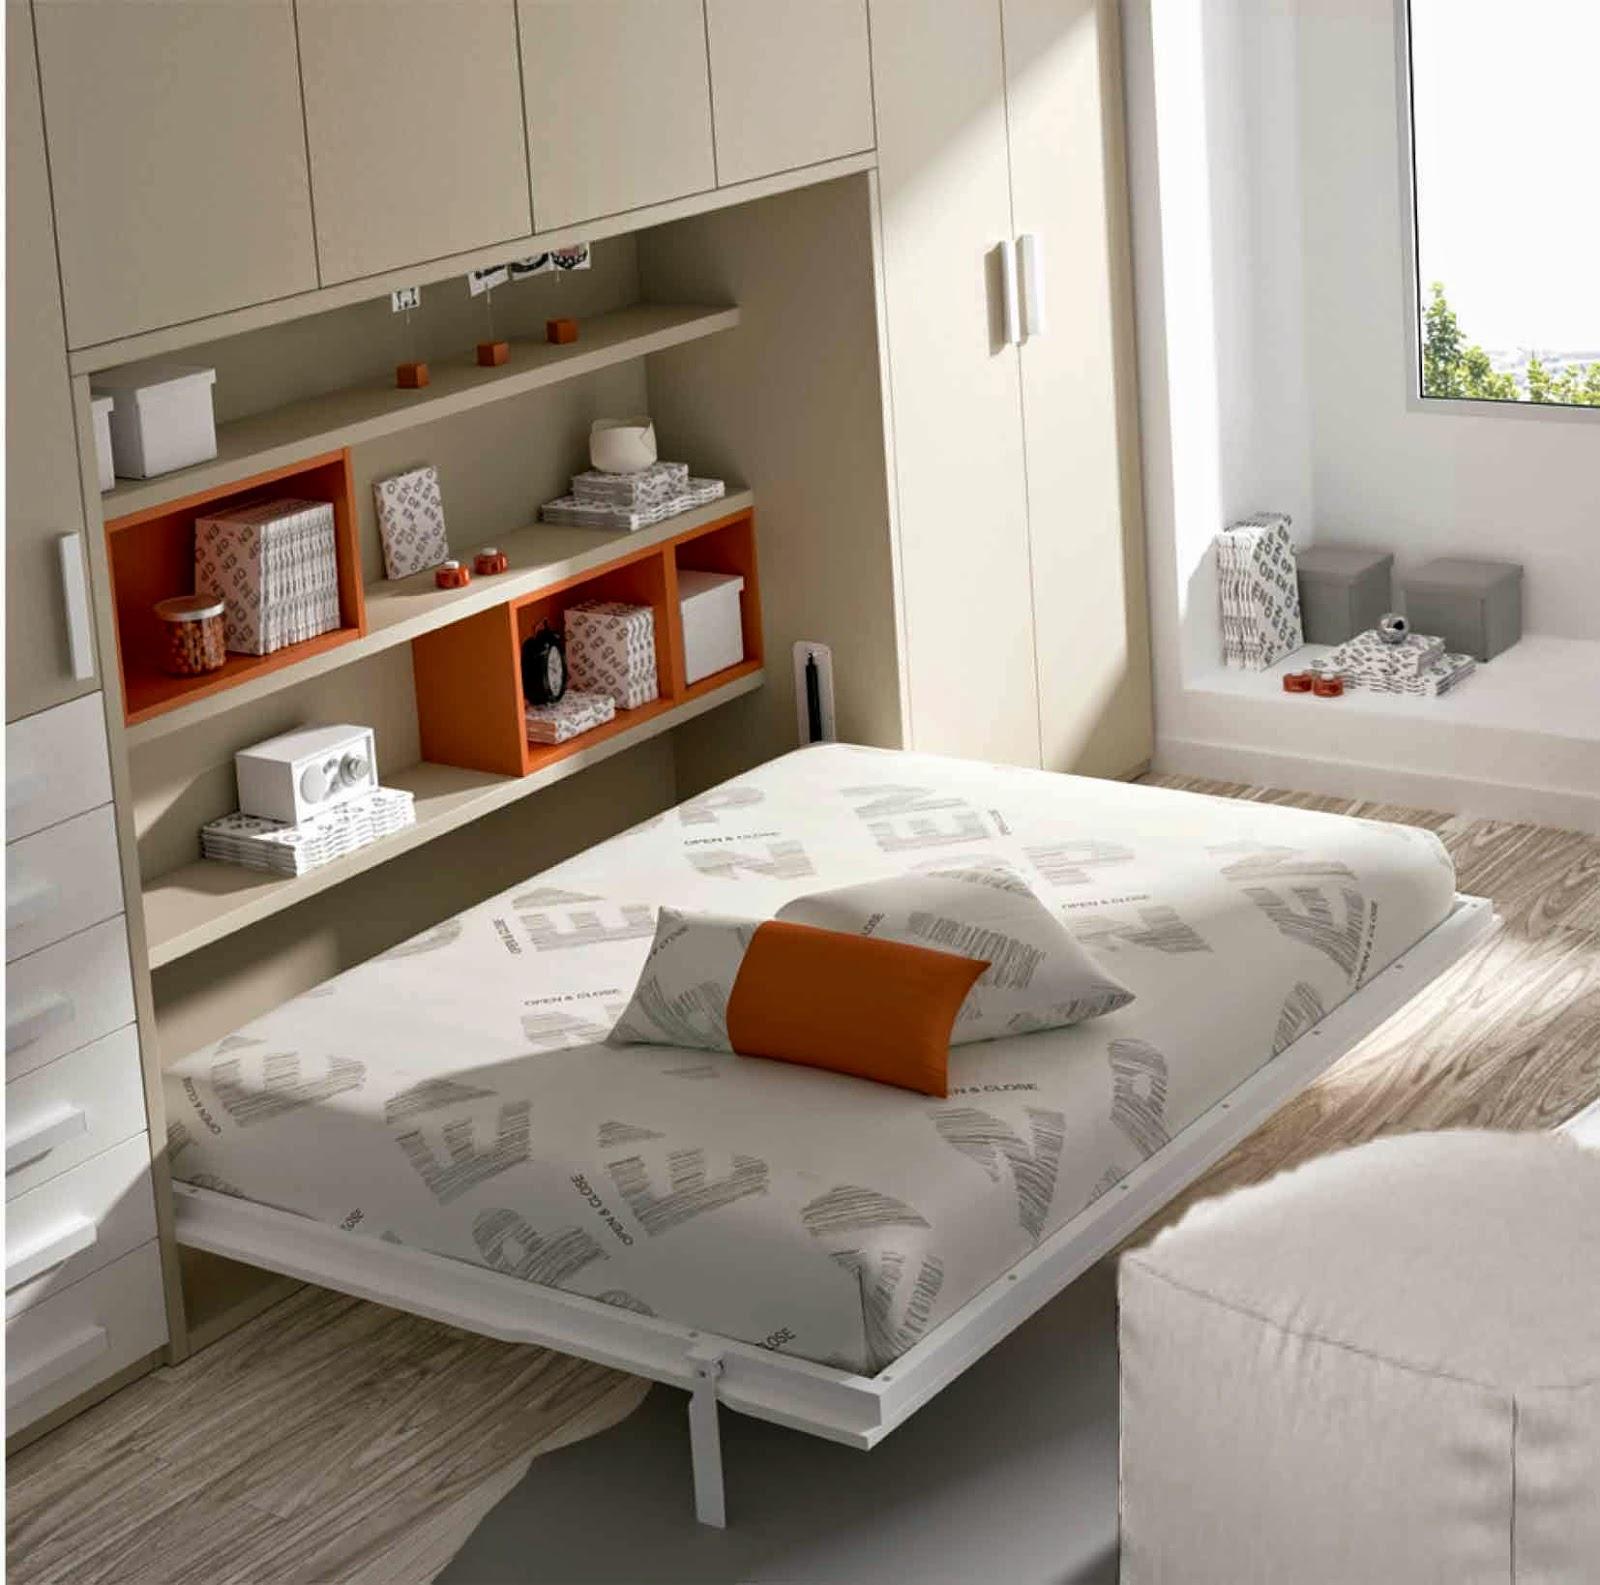 Literas y camas abatibles camas abatibles de matrimonio - Sistema cama abatible ...